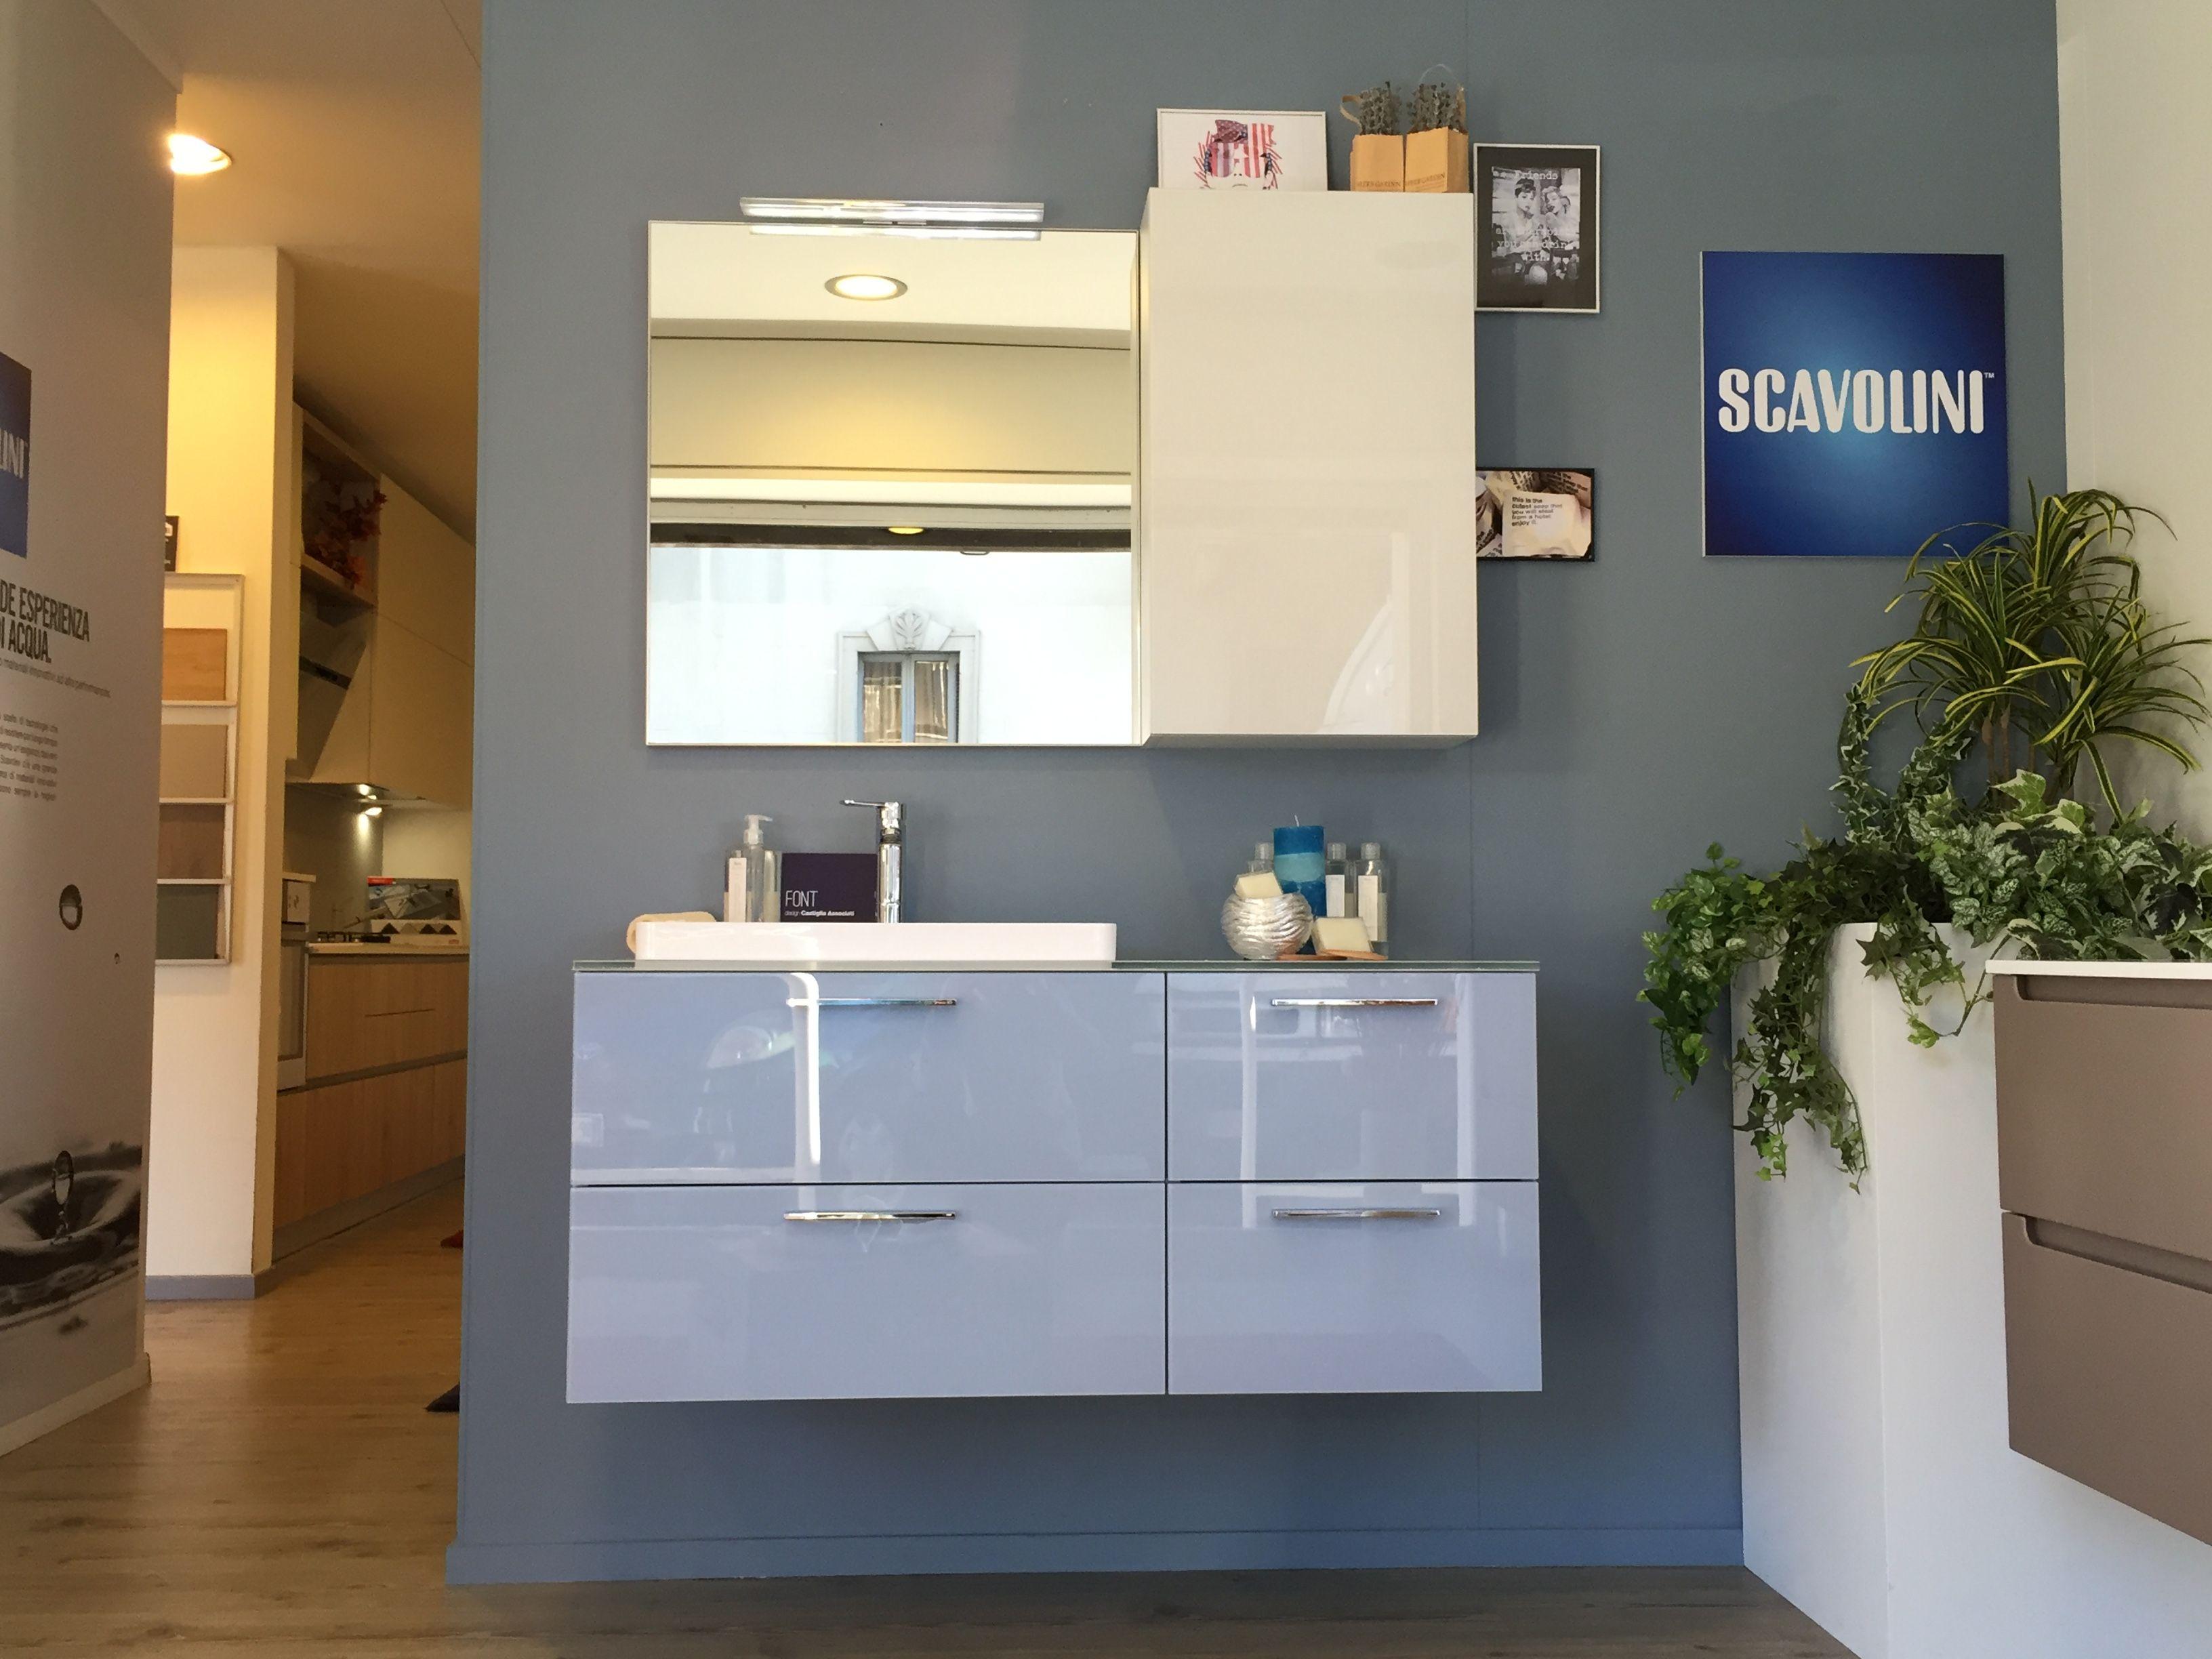 bagno #scavolini modello #font : anta vetro lucido colore azzurro ... - Mobili Bagno Scavolini